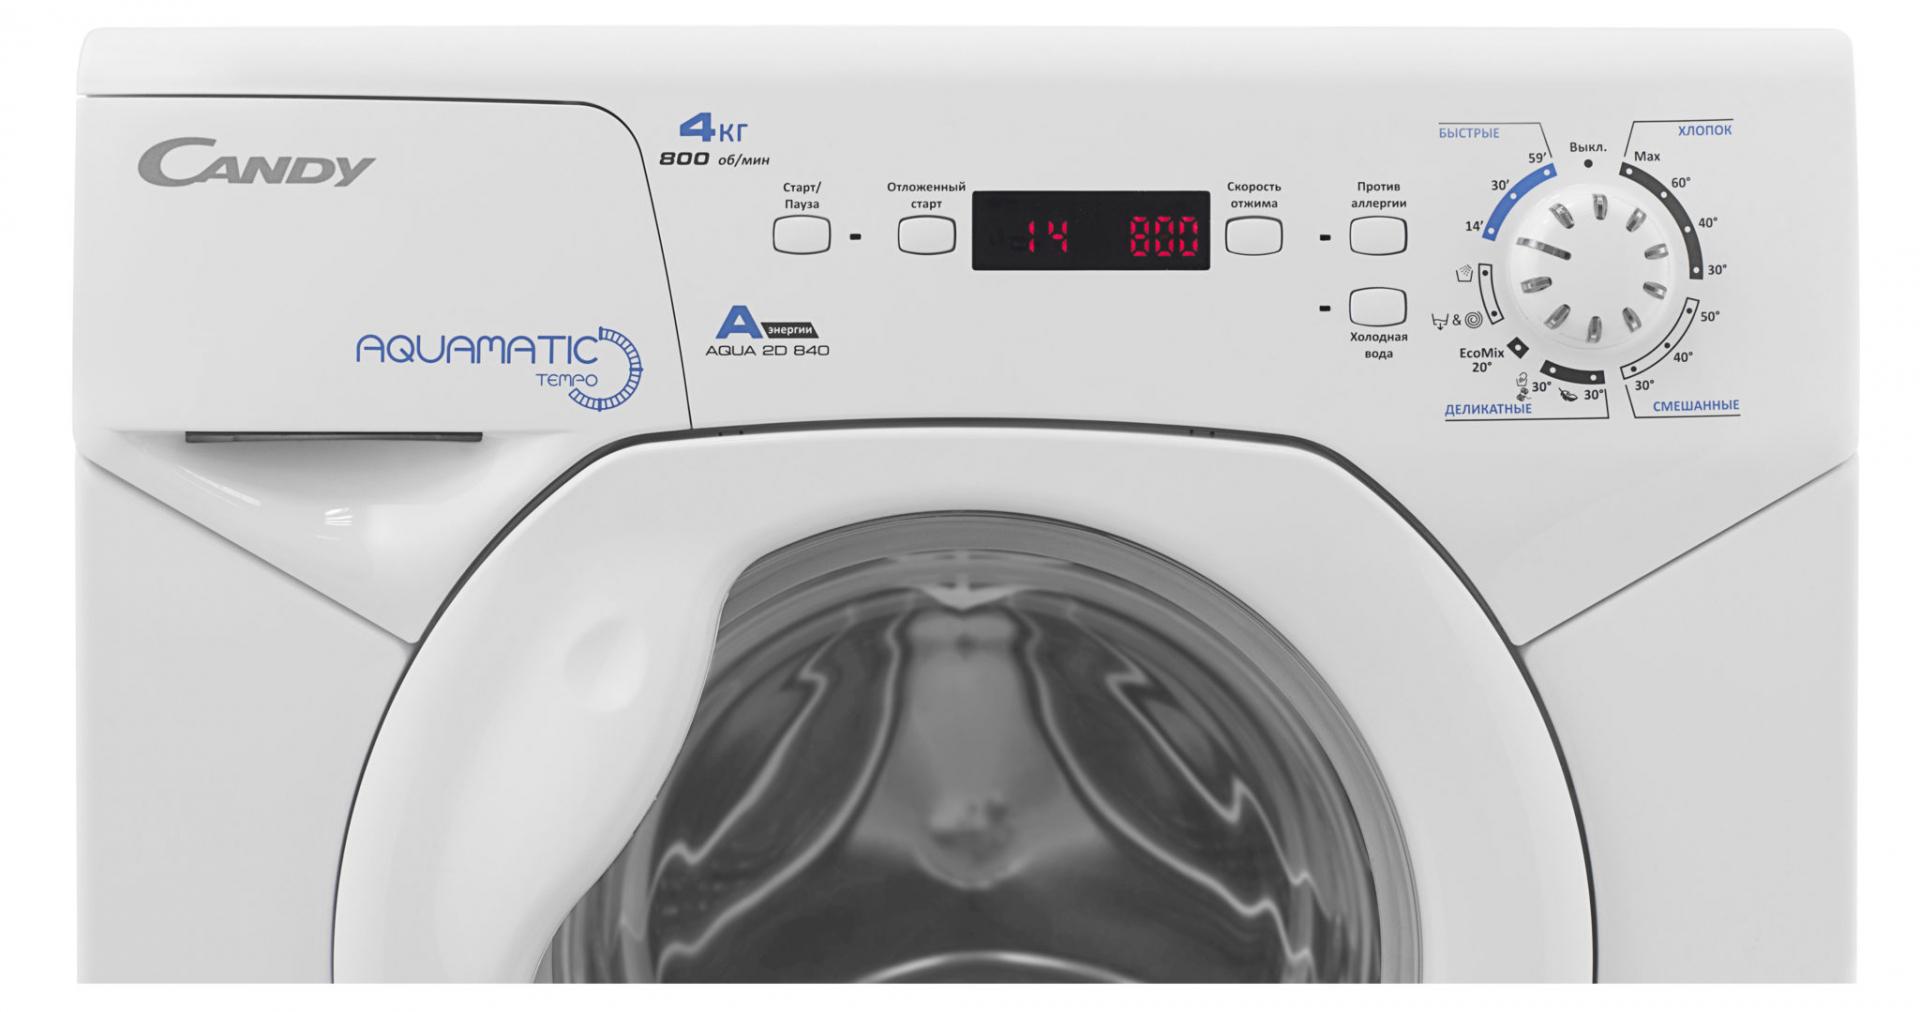 Причины появления ошибки E02 на стиральной машине Канди: возможен ли ремонт и выгоден ли он?